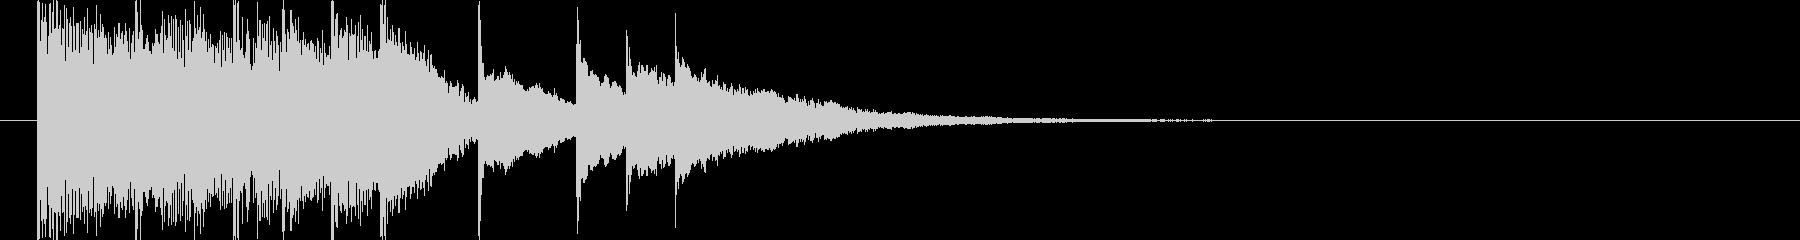 弾ける 前向き楽しいイメージのジングル⑤の未再生の波形